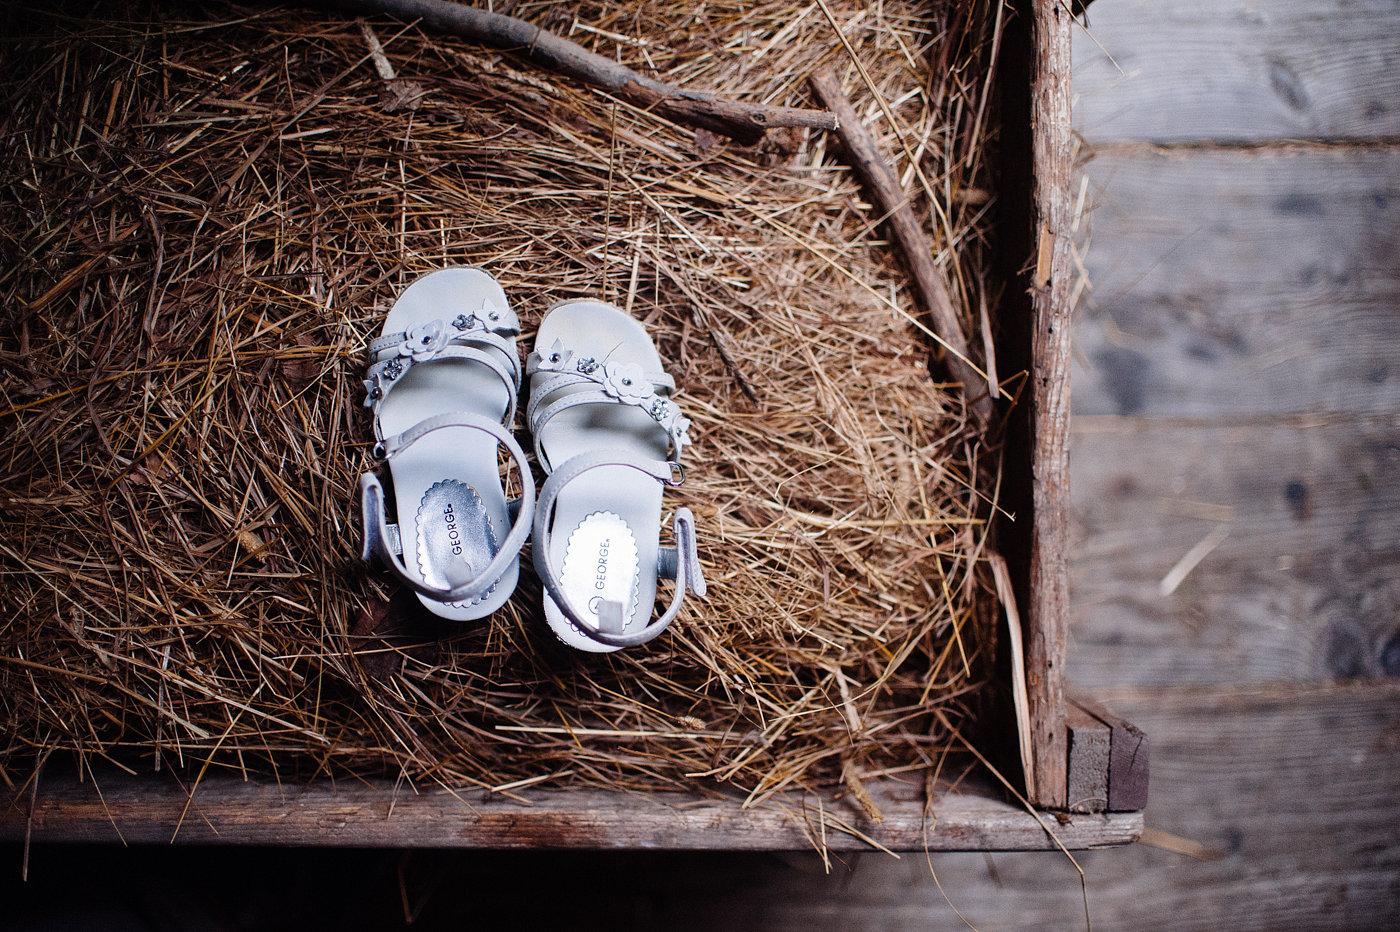 shoes-in-hay.jpg